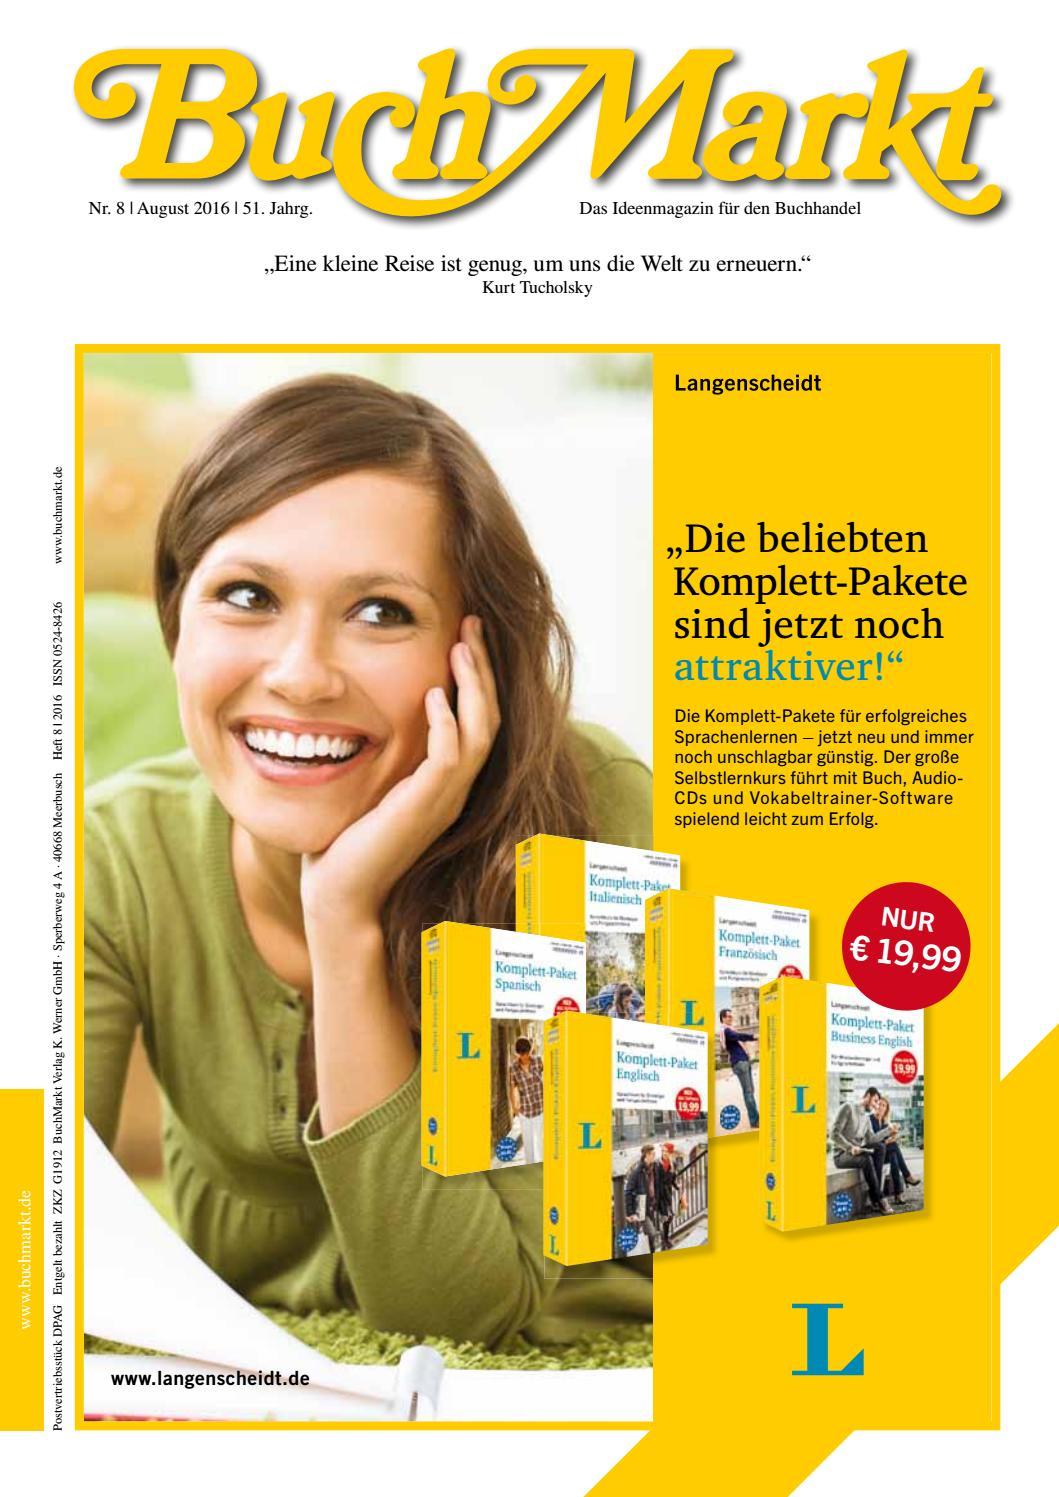 Buchmarkt Leseprobe Verlagsanzeigen 08 2016 By Buchmarkt Issuu